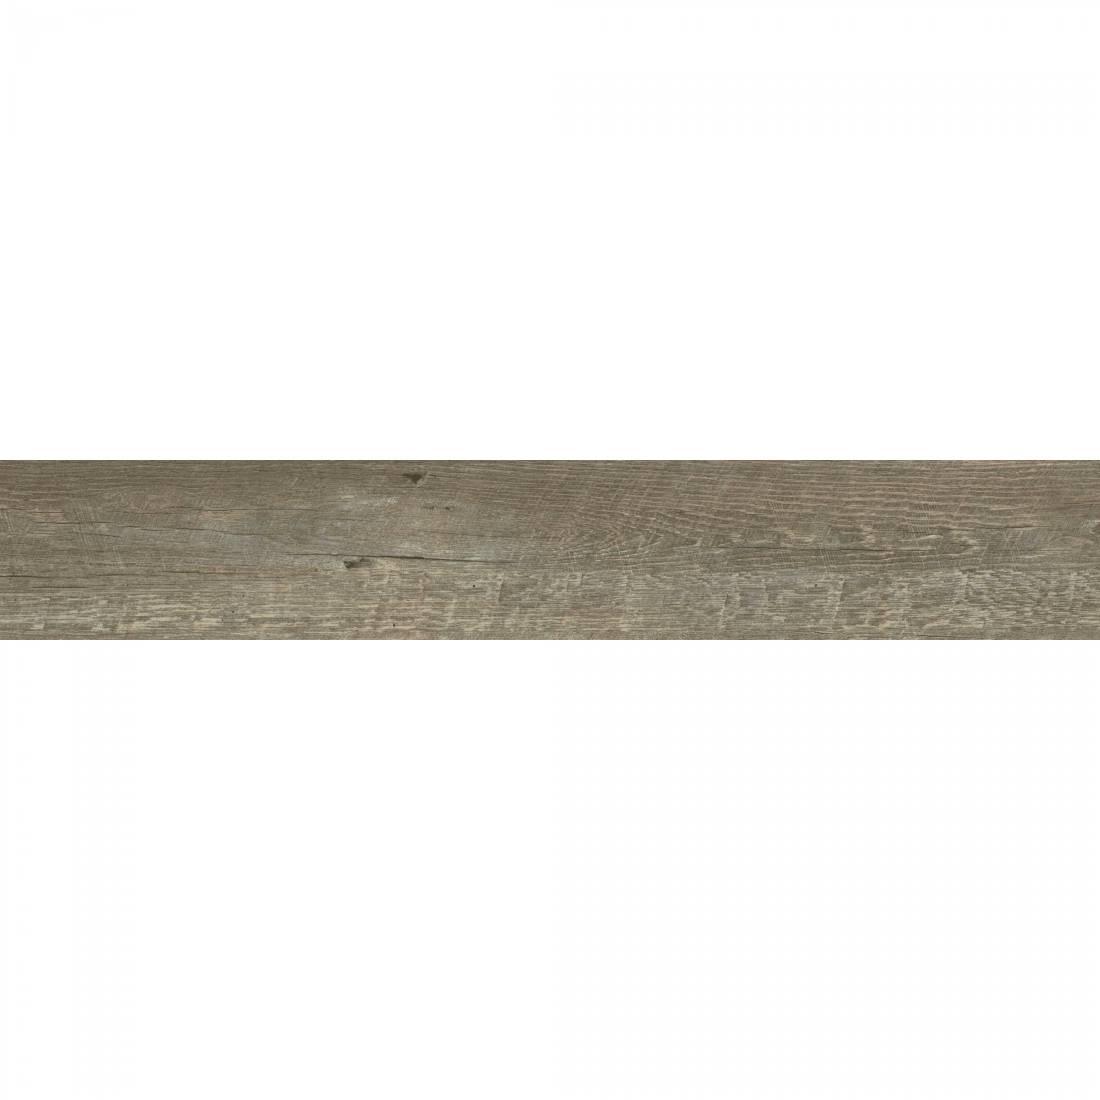 Long 20x120 MDE72 Silver Matt 1